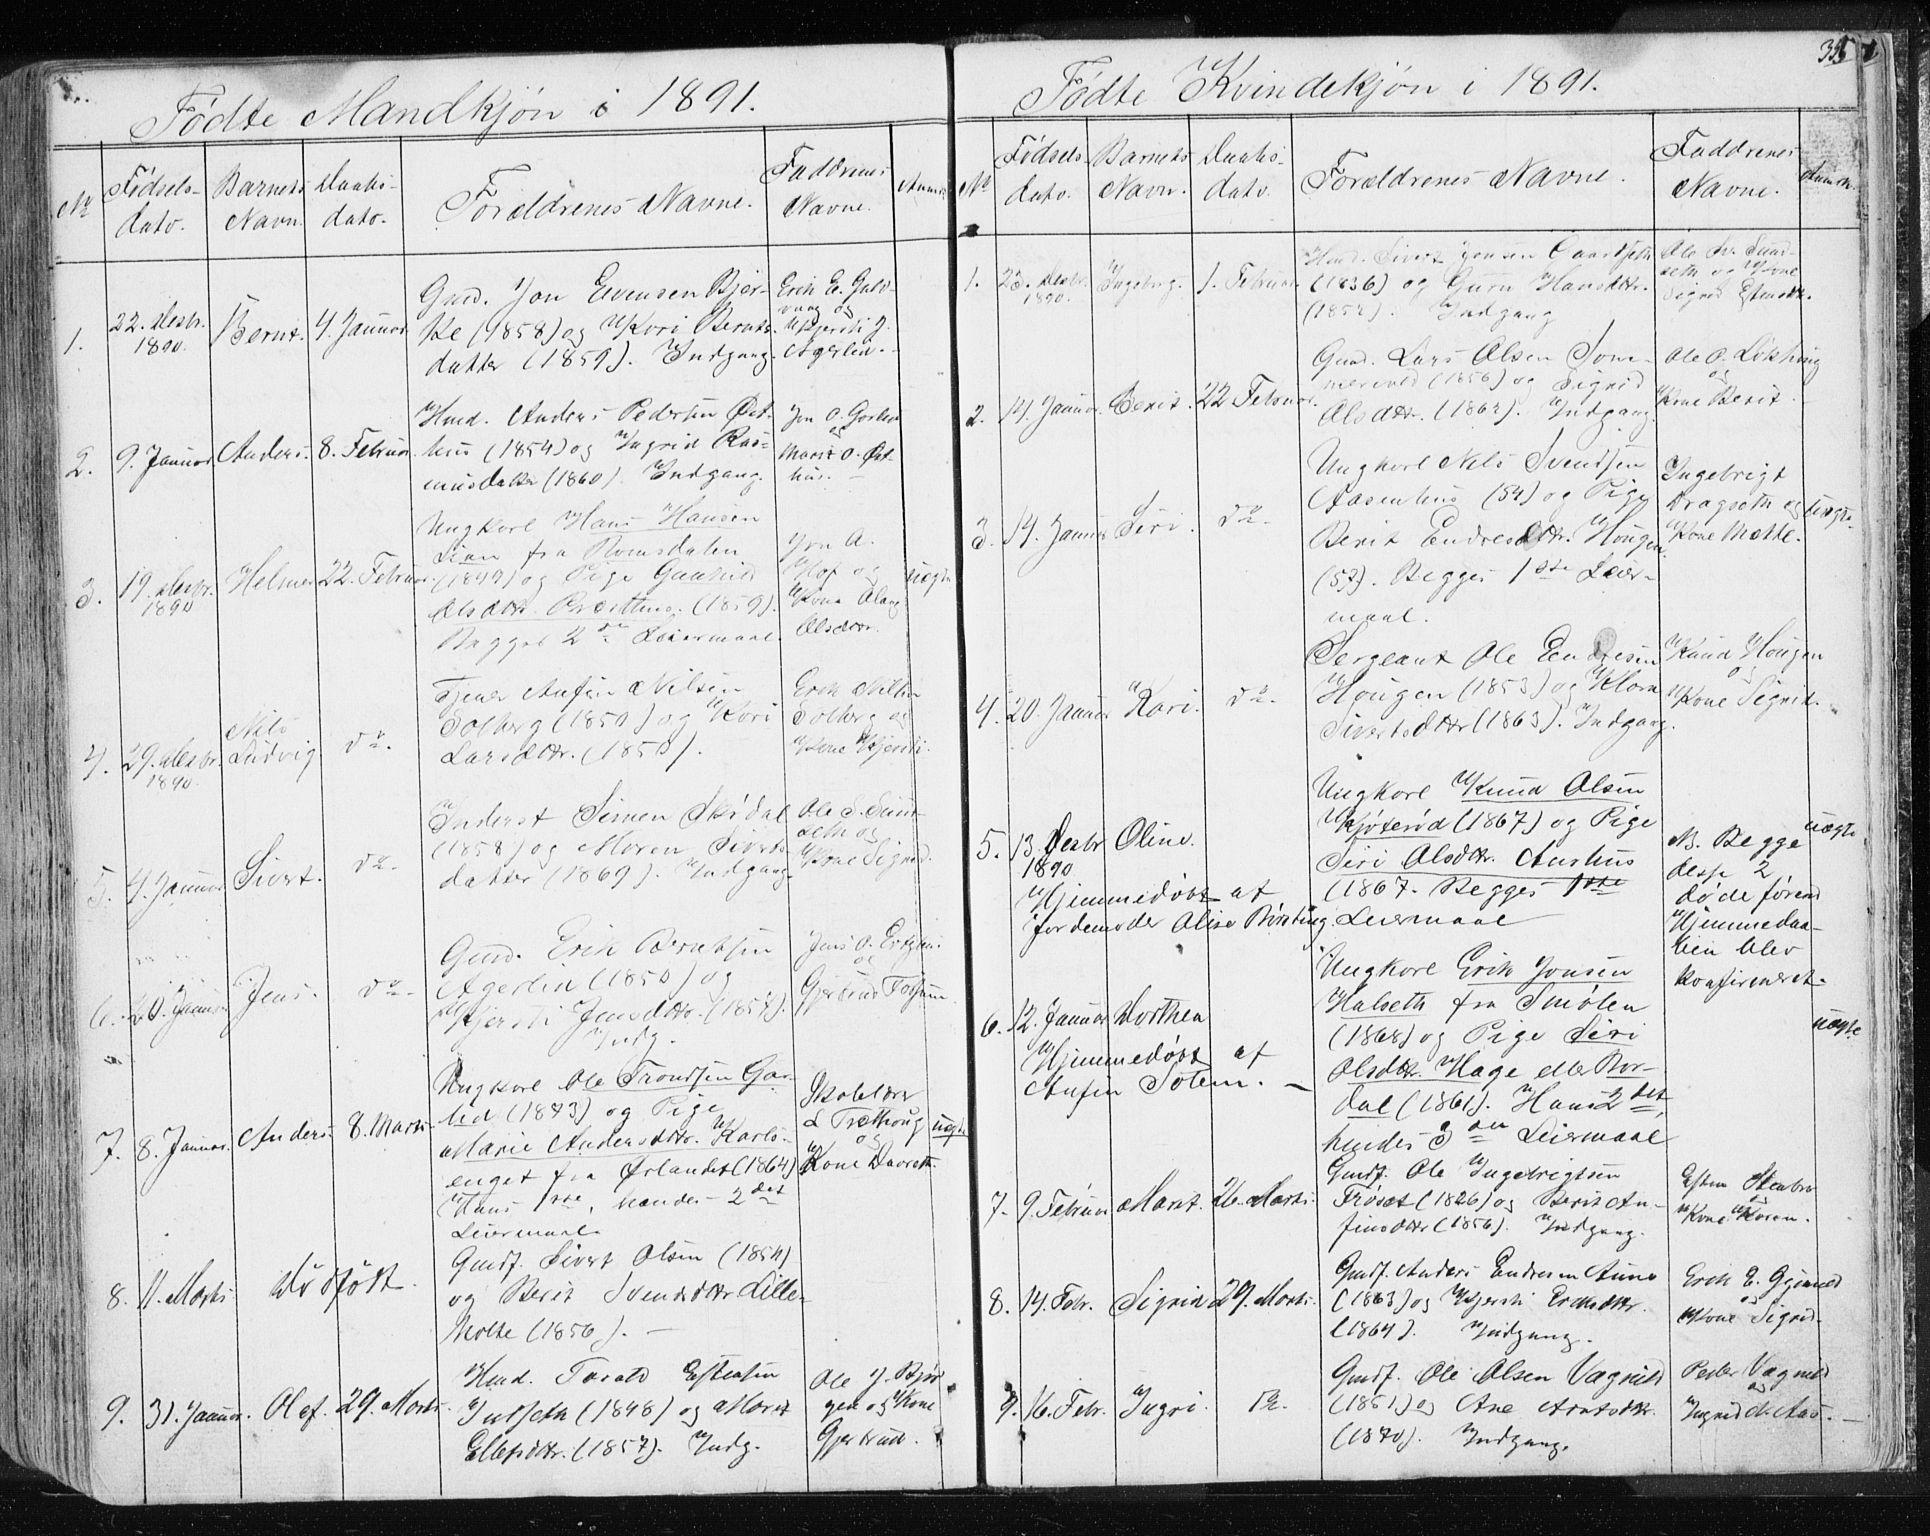 SAT, Ministerialprotokoller, klokkerbøker og fødselsregistre - Sør-Trøndelag, 689/L1043: Klokkerbok nr. 689C02, 1816-1892, s. 355